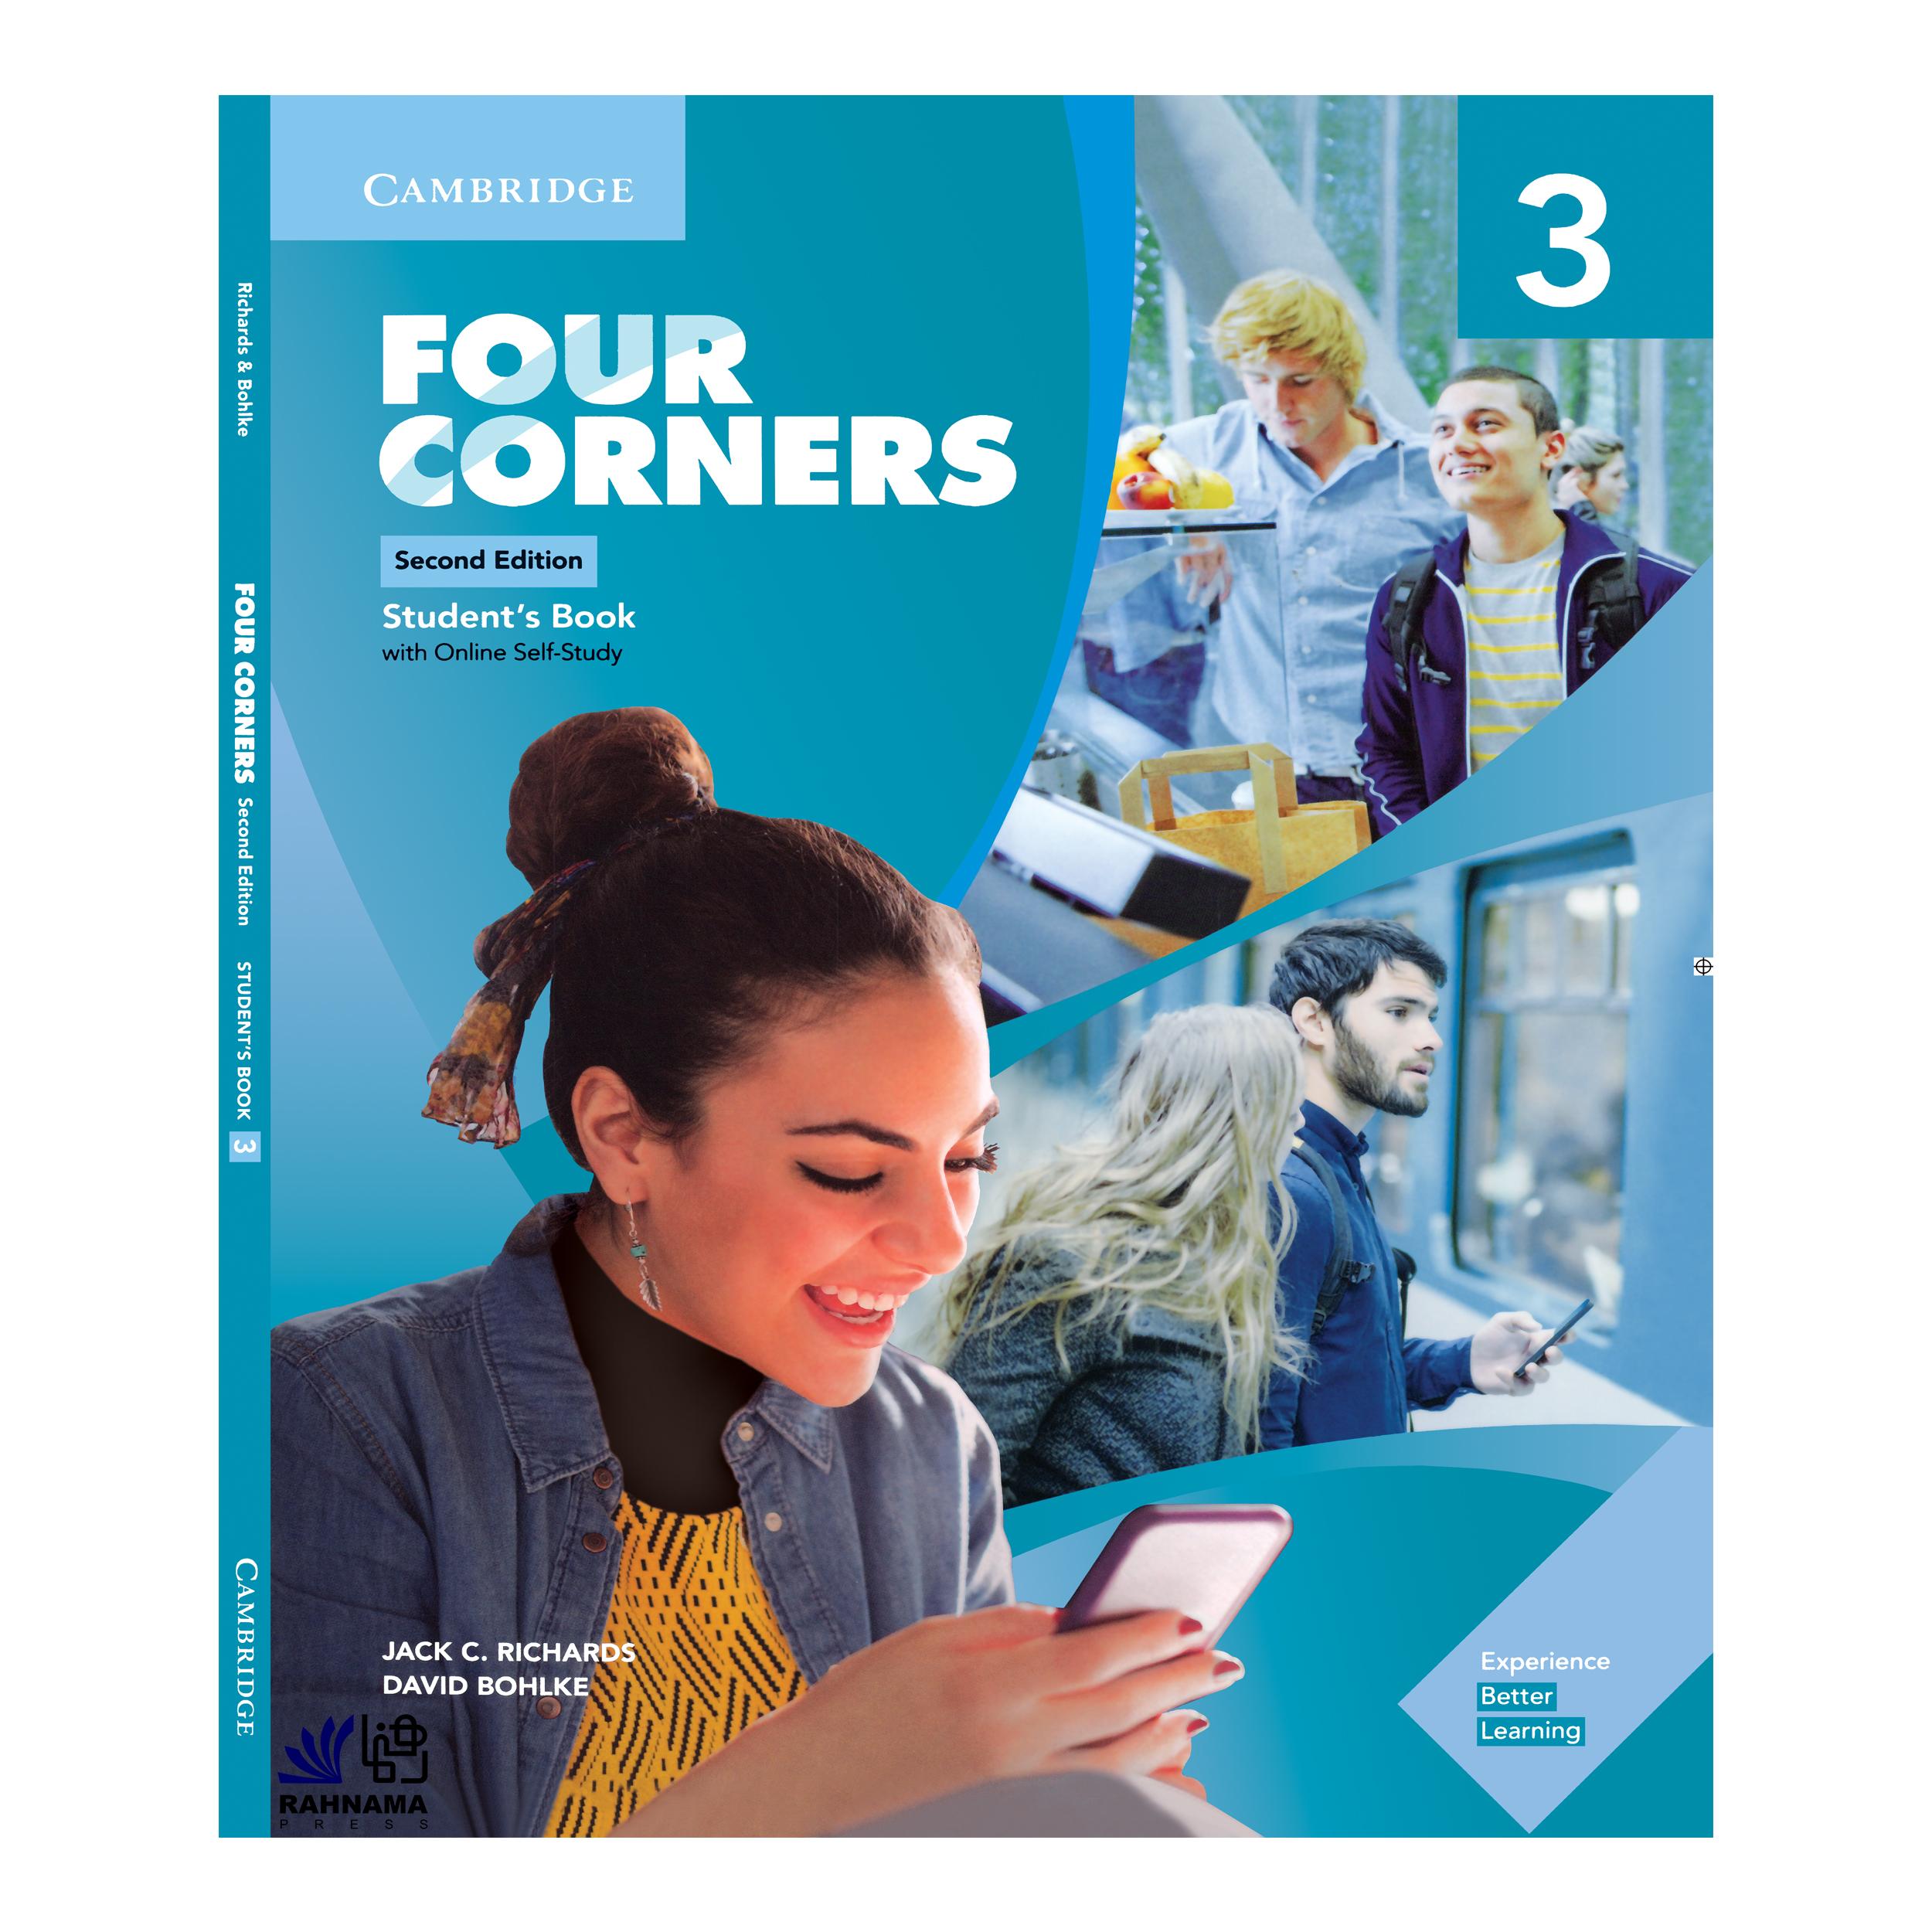 خرید                      کتاب FOUR CORNERS 3 اثر JACK C.RICHARDS AND DAVID BOHLKE انتشارات رهنما